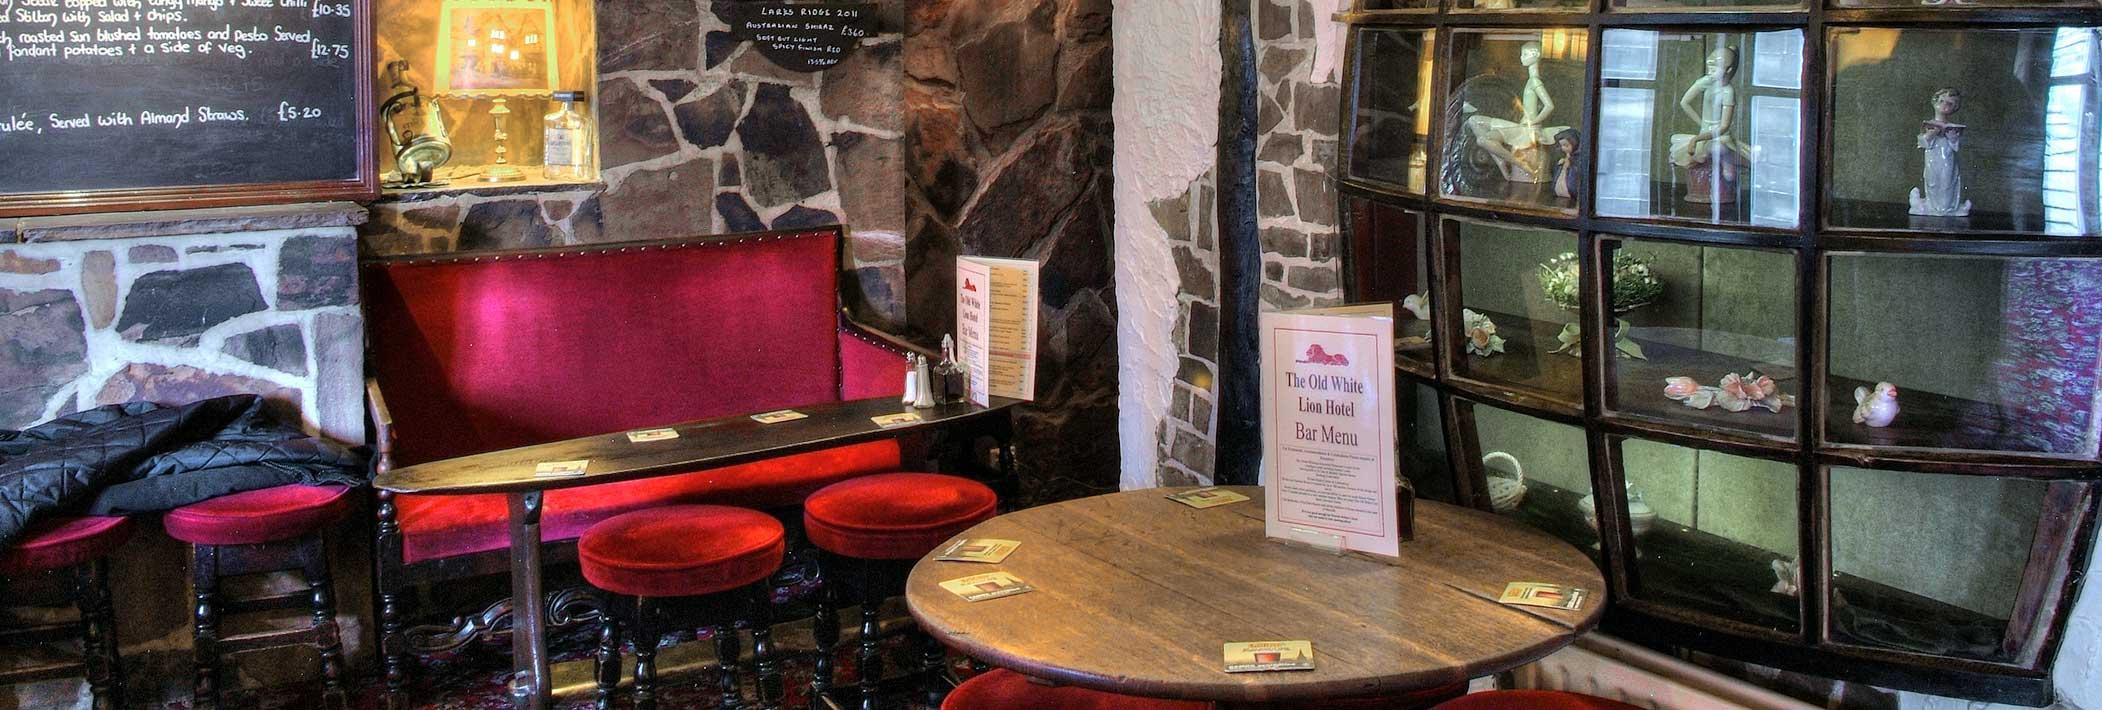 slider-pub-interior